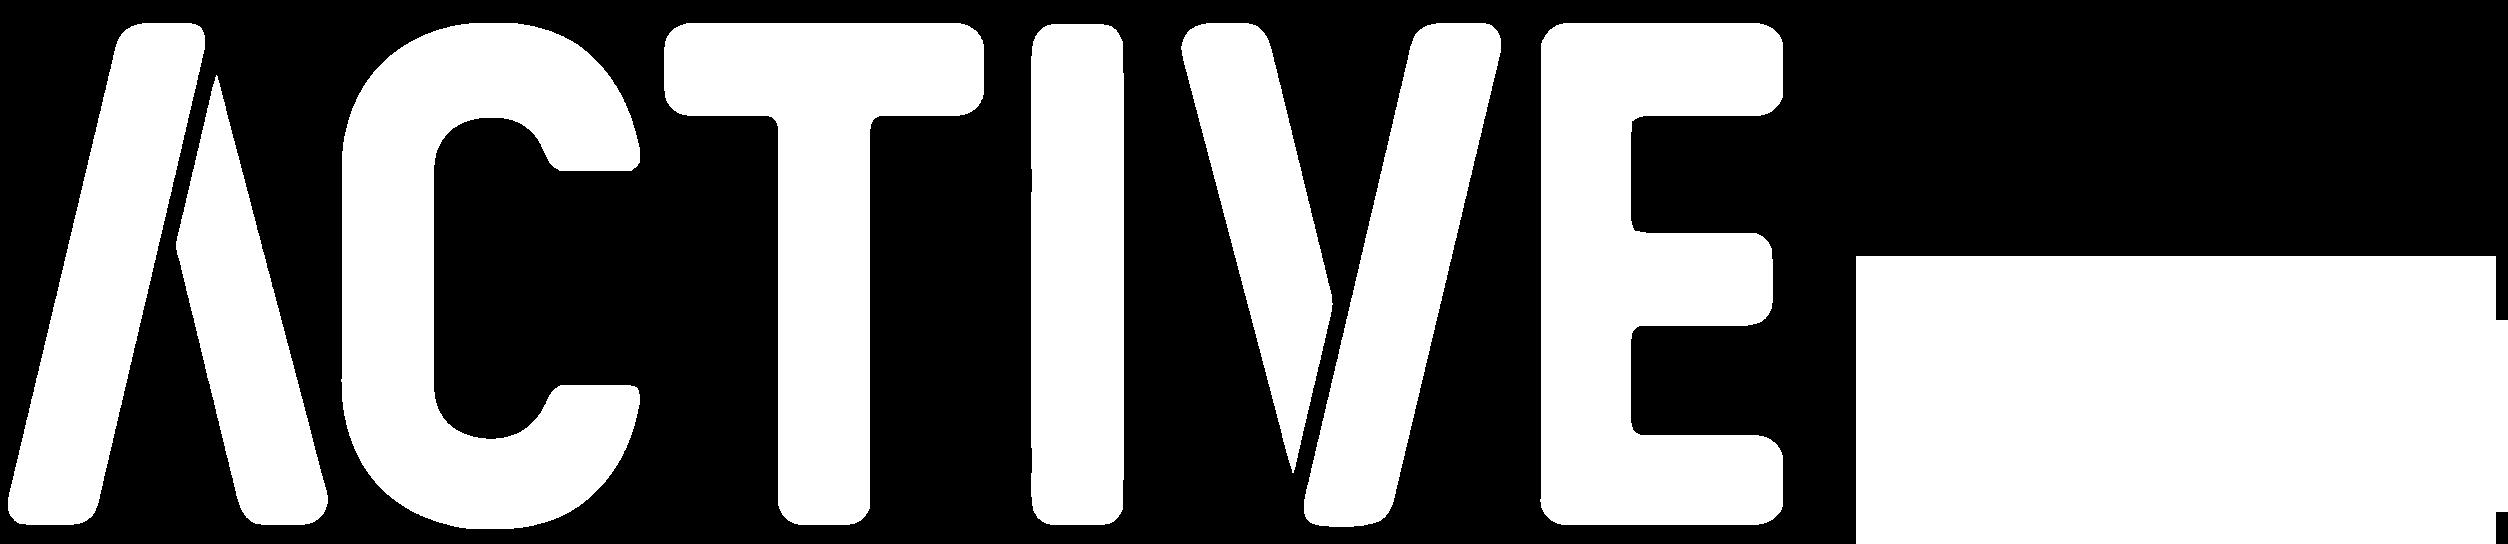 Active TV fans